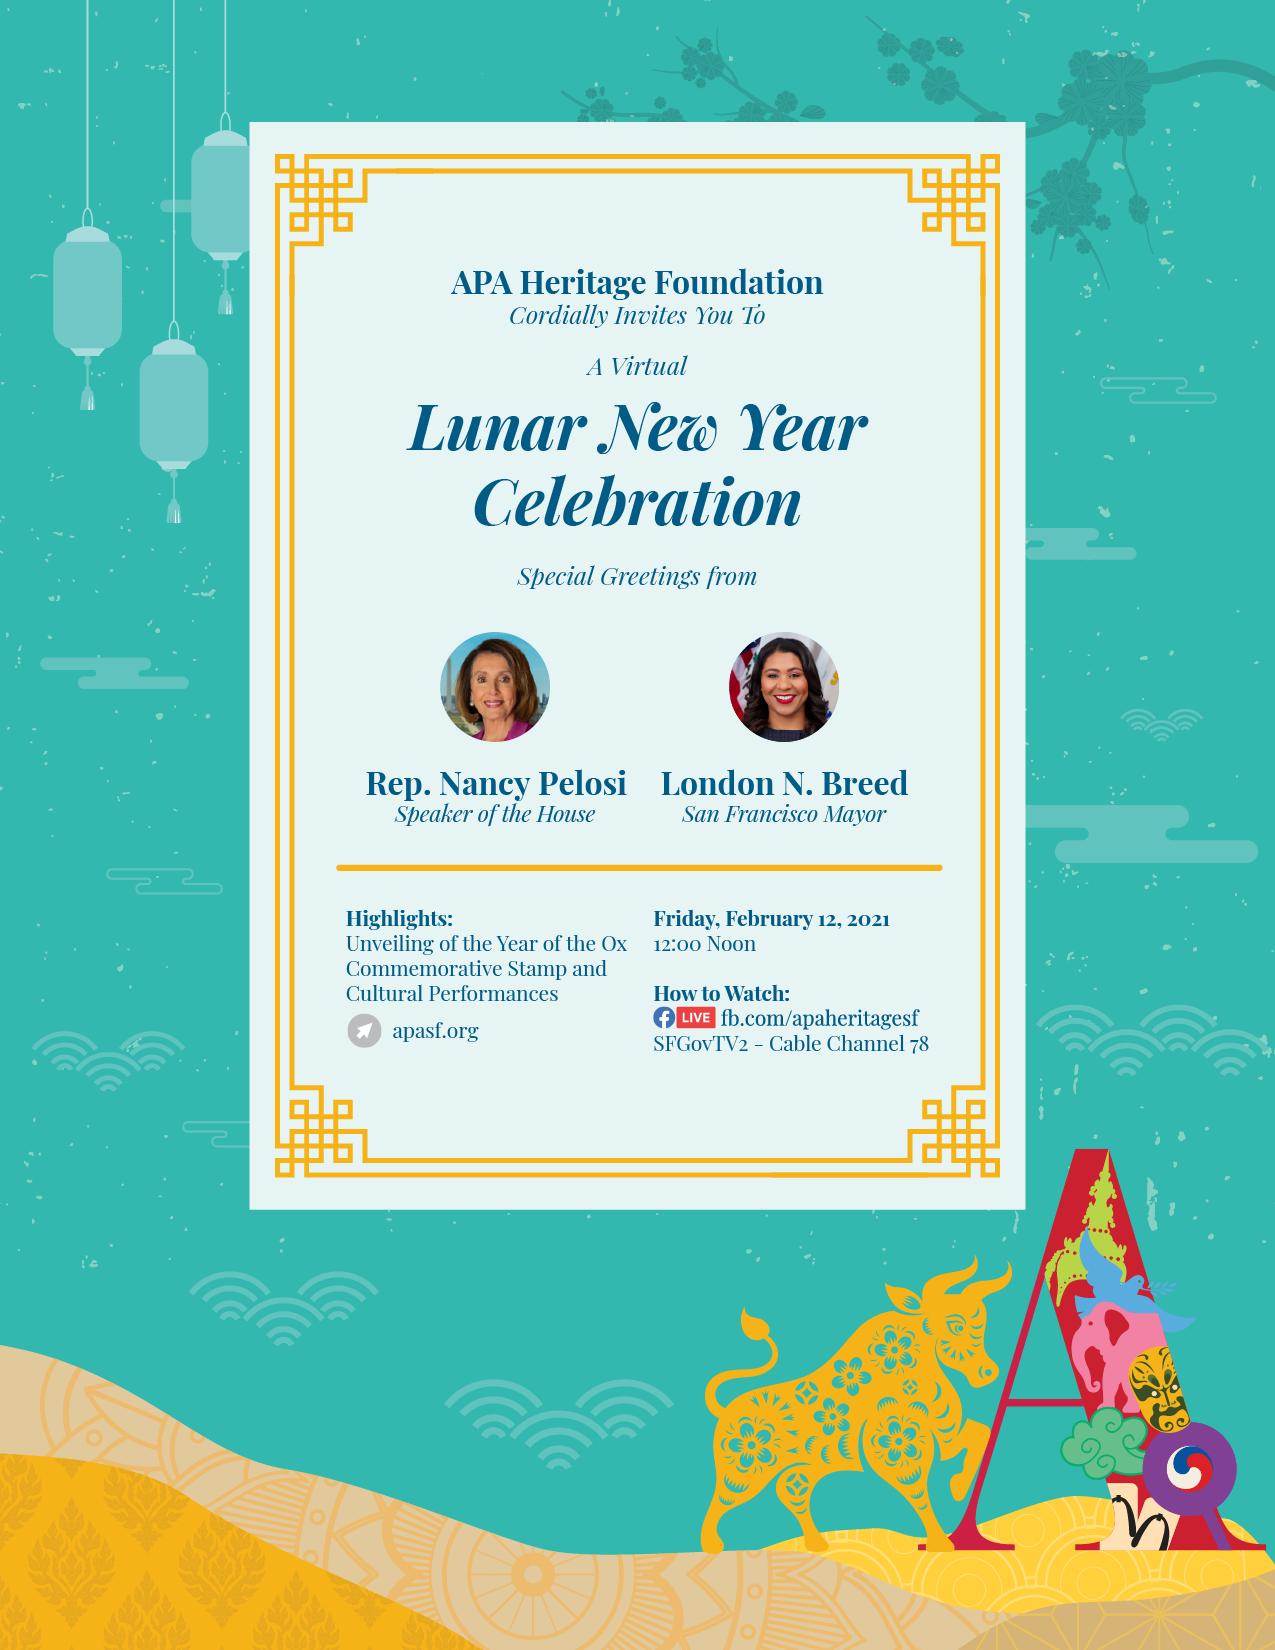 San Francisco Lunar New Year Celebration 2021